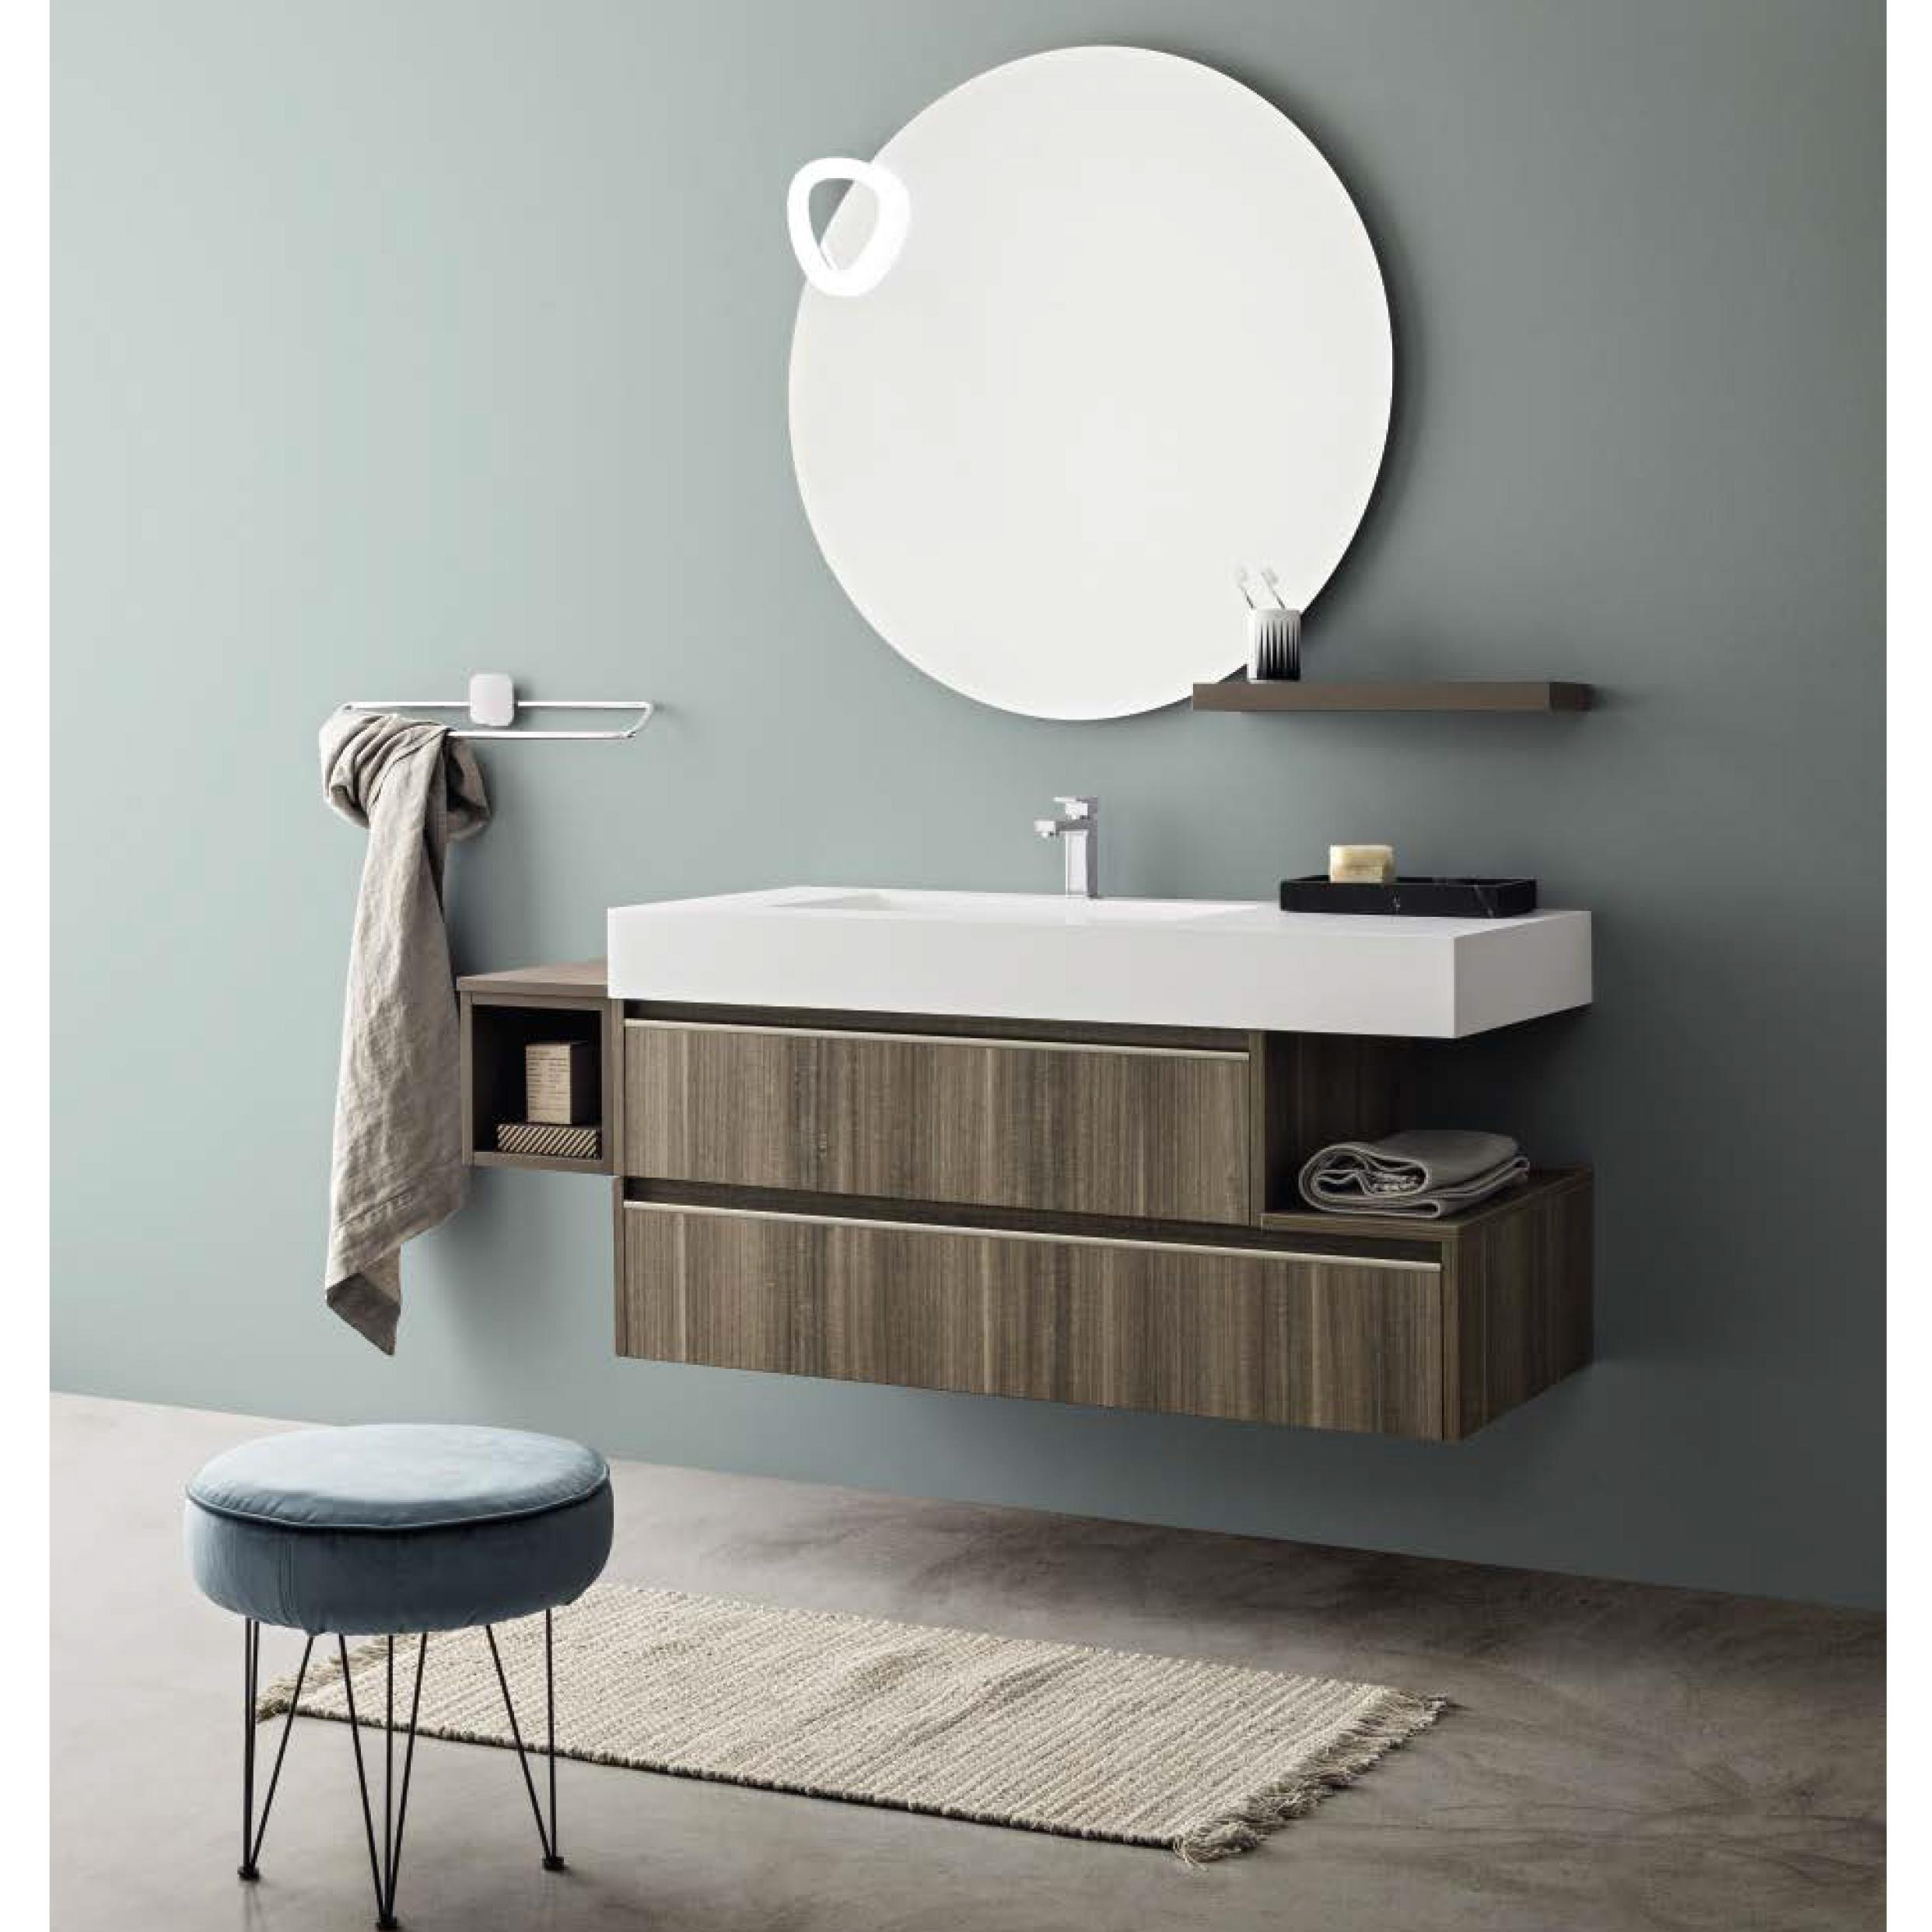 Mobile da bagno modello movida ditta cerasa - Cerasa mobili bagno ...